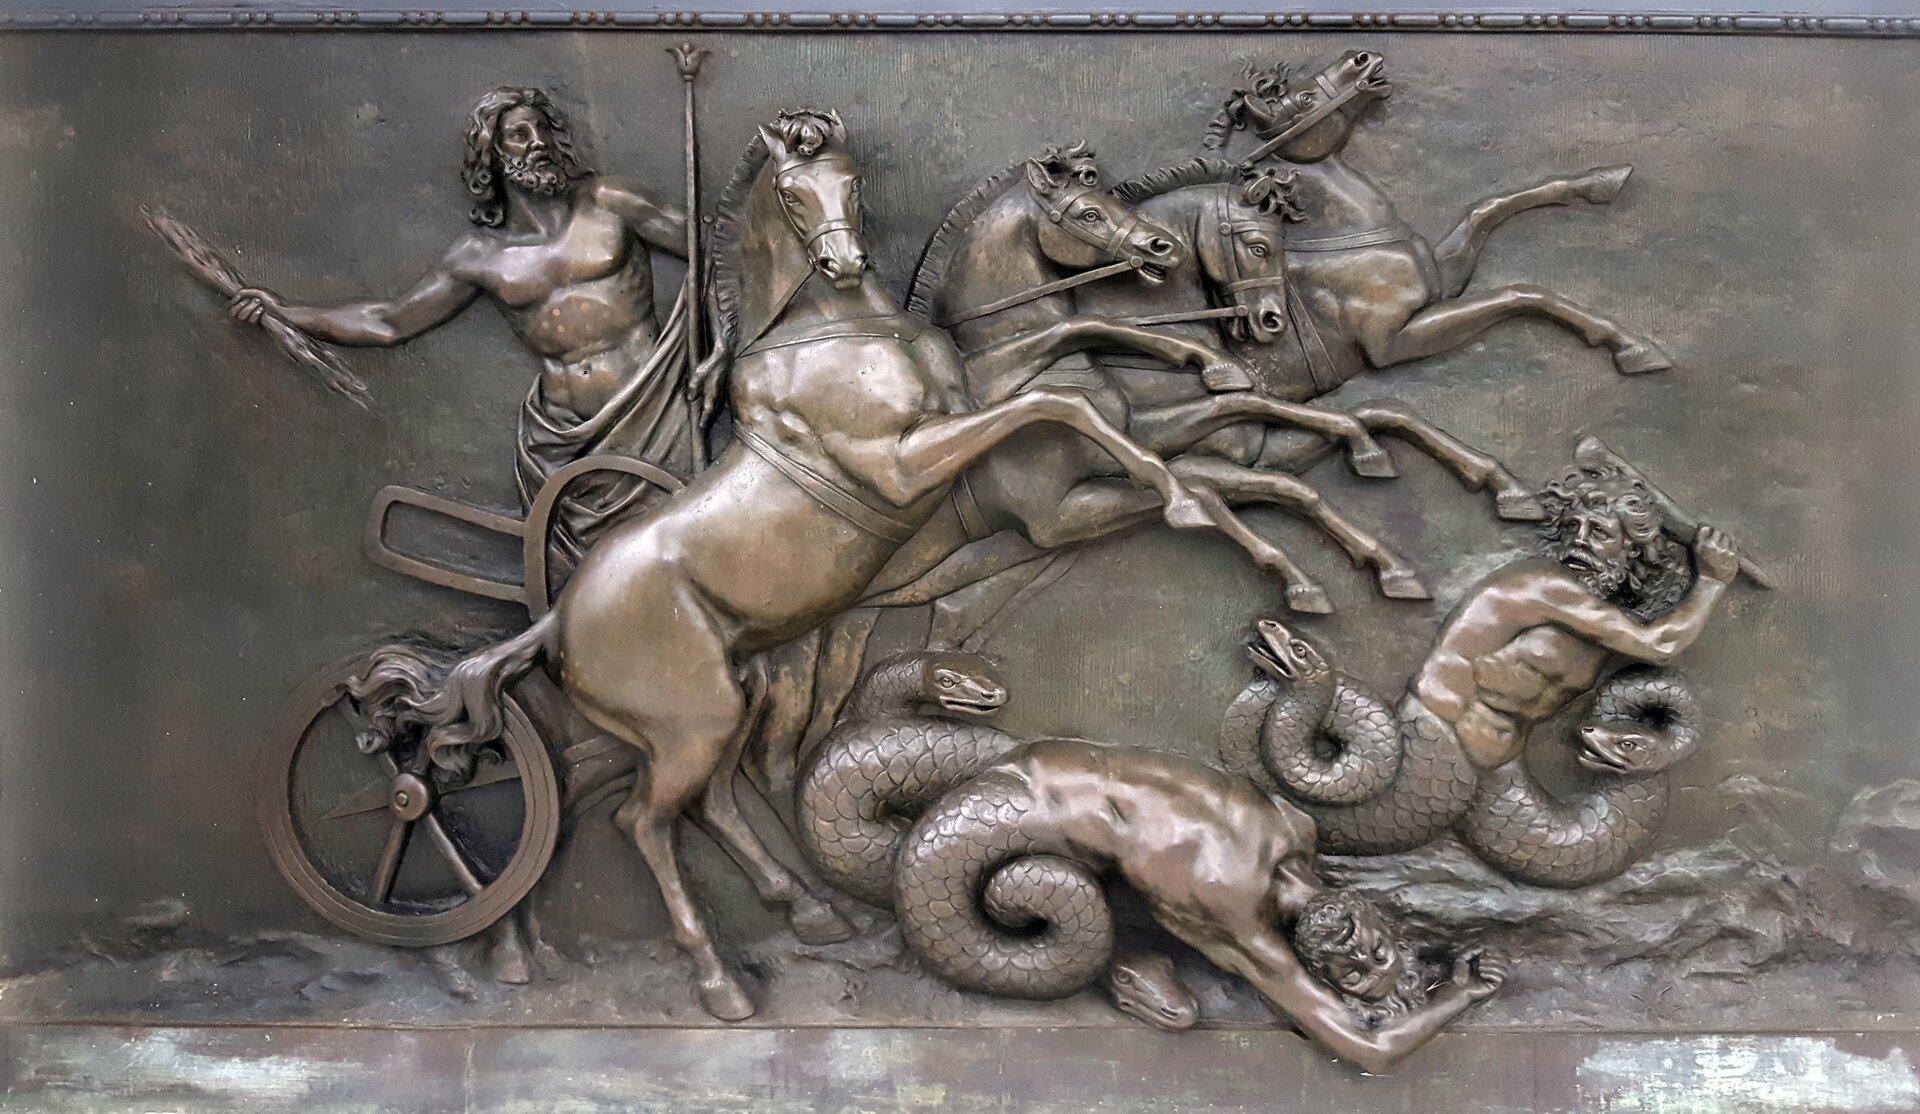 Ilustracja przedstawia płaskorzeźbę ukazującą Zeusa wwalce ze złem. Zeus znajduje się na rydwanie zaprzężonym wcztery konie stające dęba. Pod kopytami koni wiją się dwa centaury - wpołowie ludzie, wpołowie węże. Próbują uchronić się przed stratowaniem przez konie.